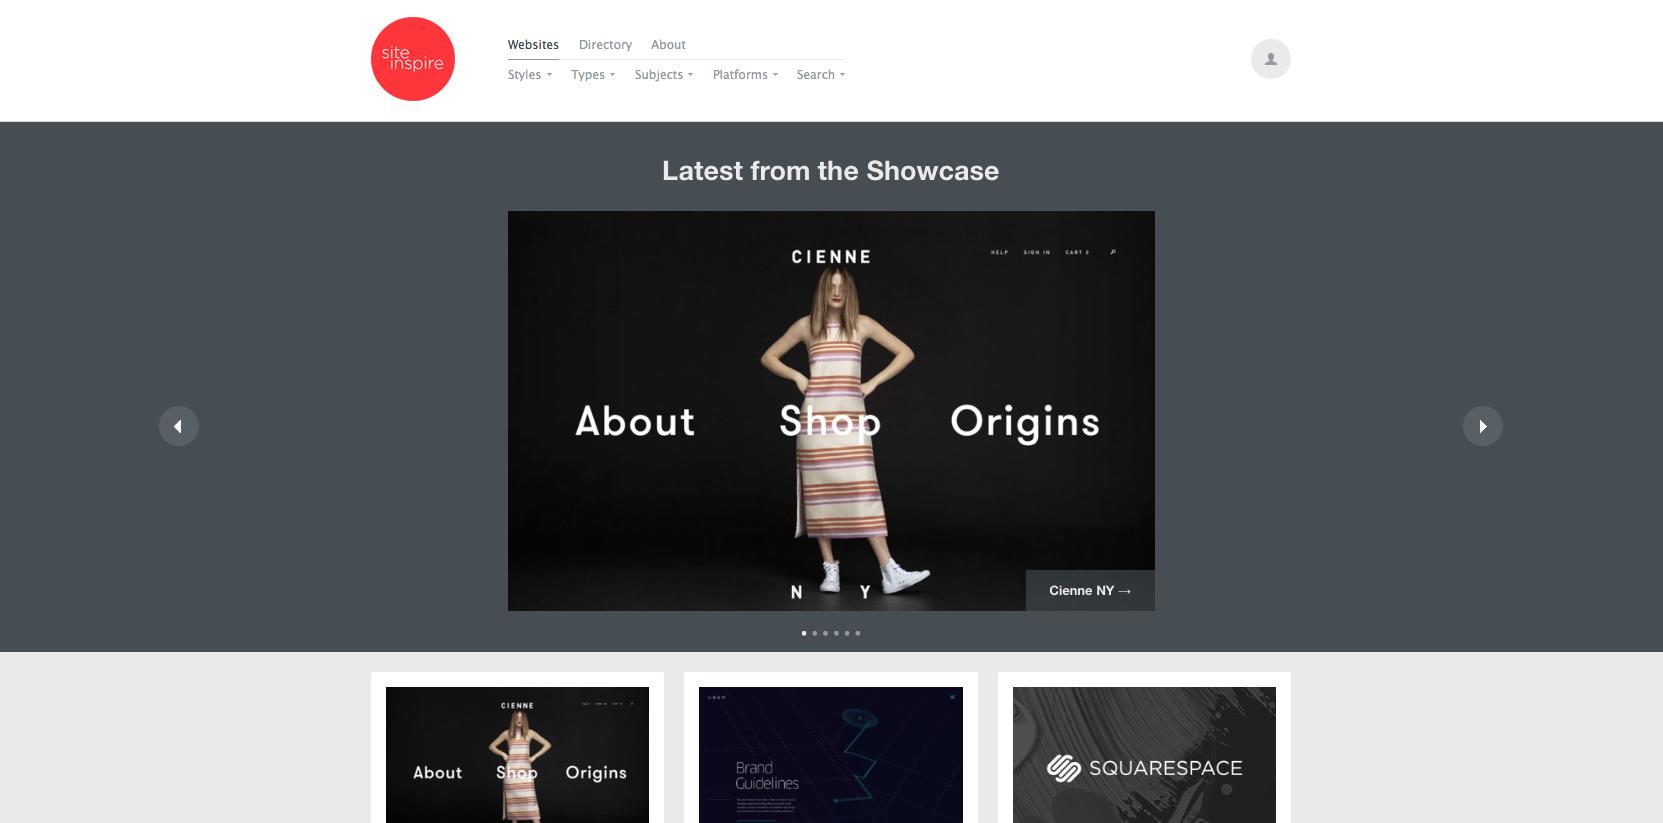 Inspiración para emprendedores  site inspire bebe ingenious